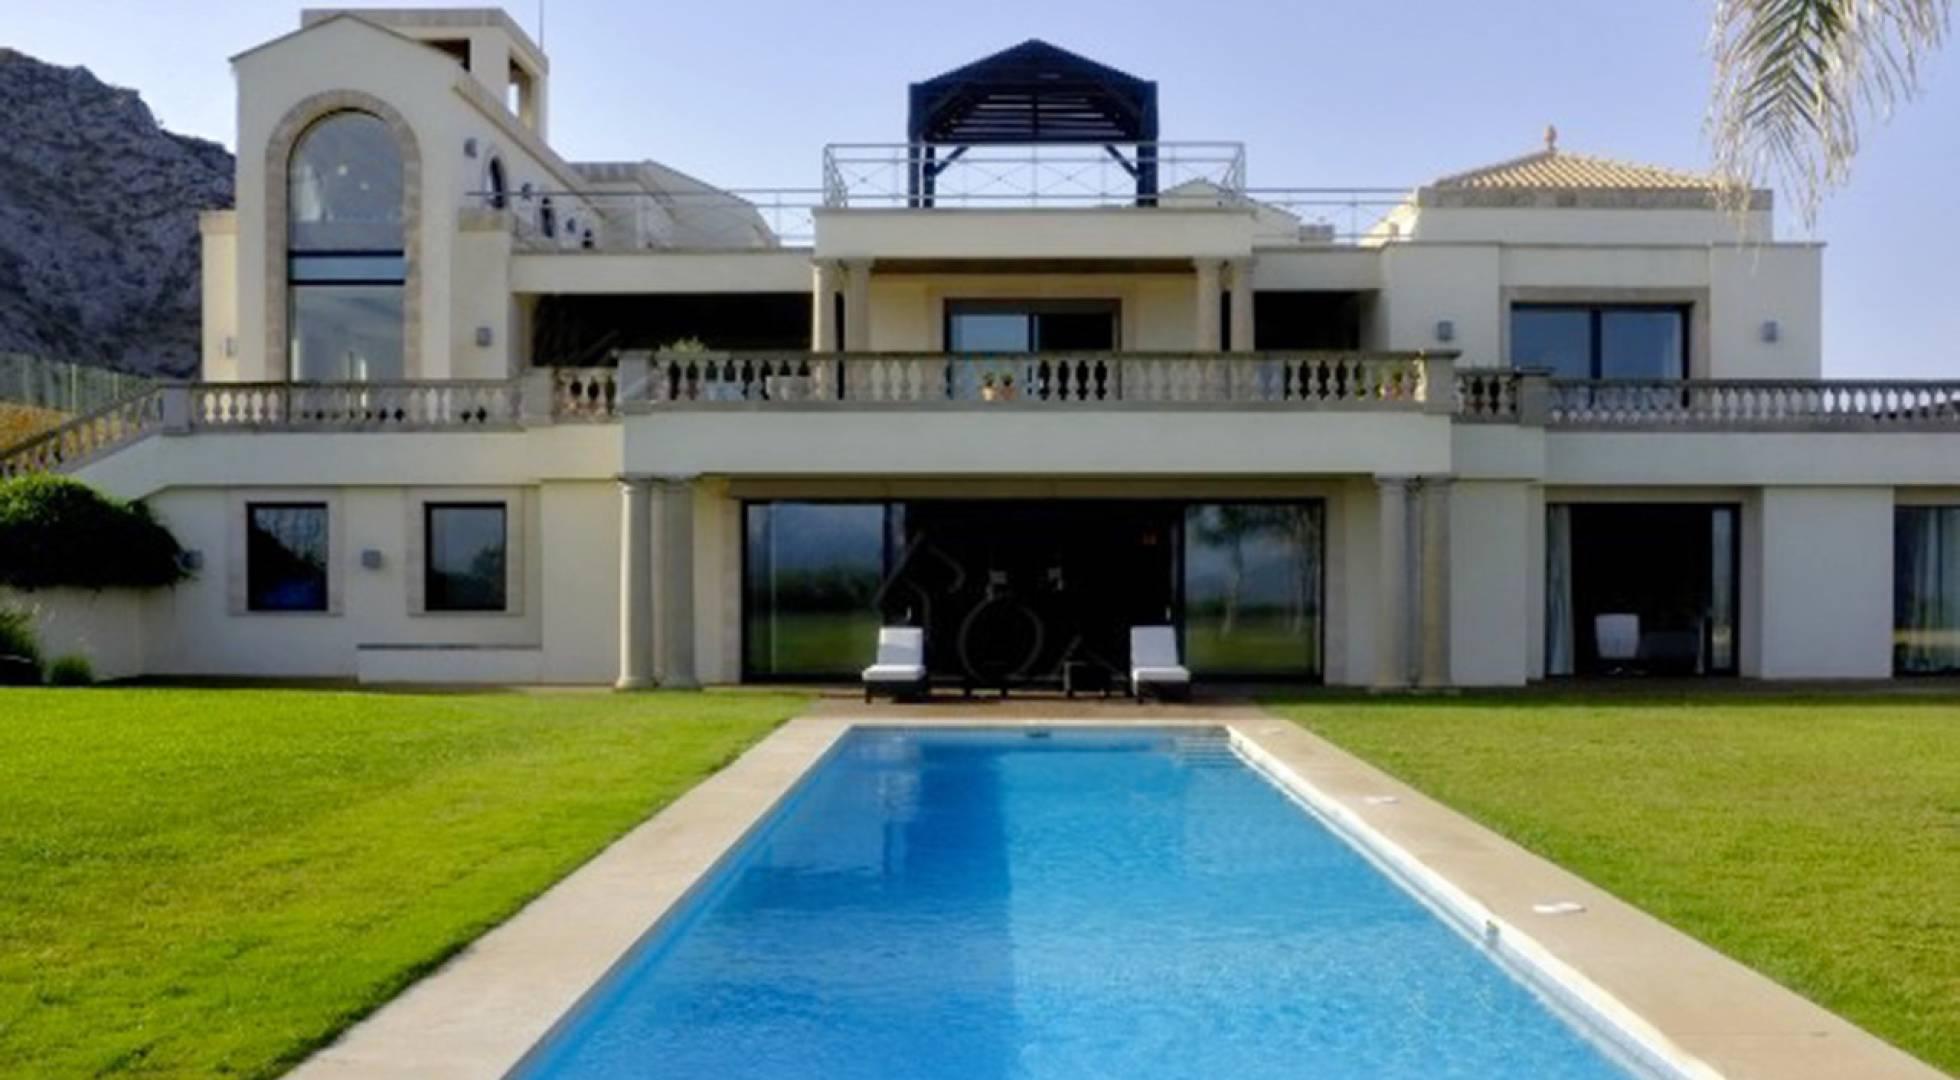 Una mansión de 3.500 metros de Mallorca por 57,5 millones, la casa más cara de España